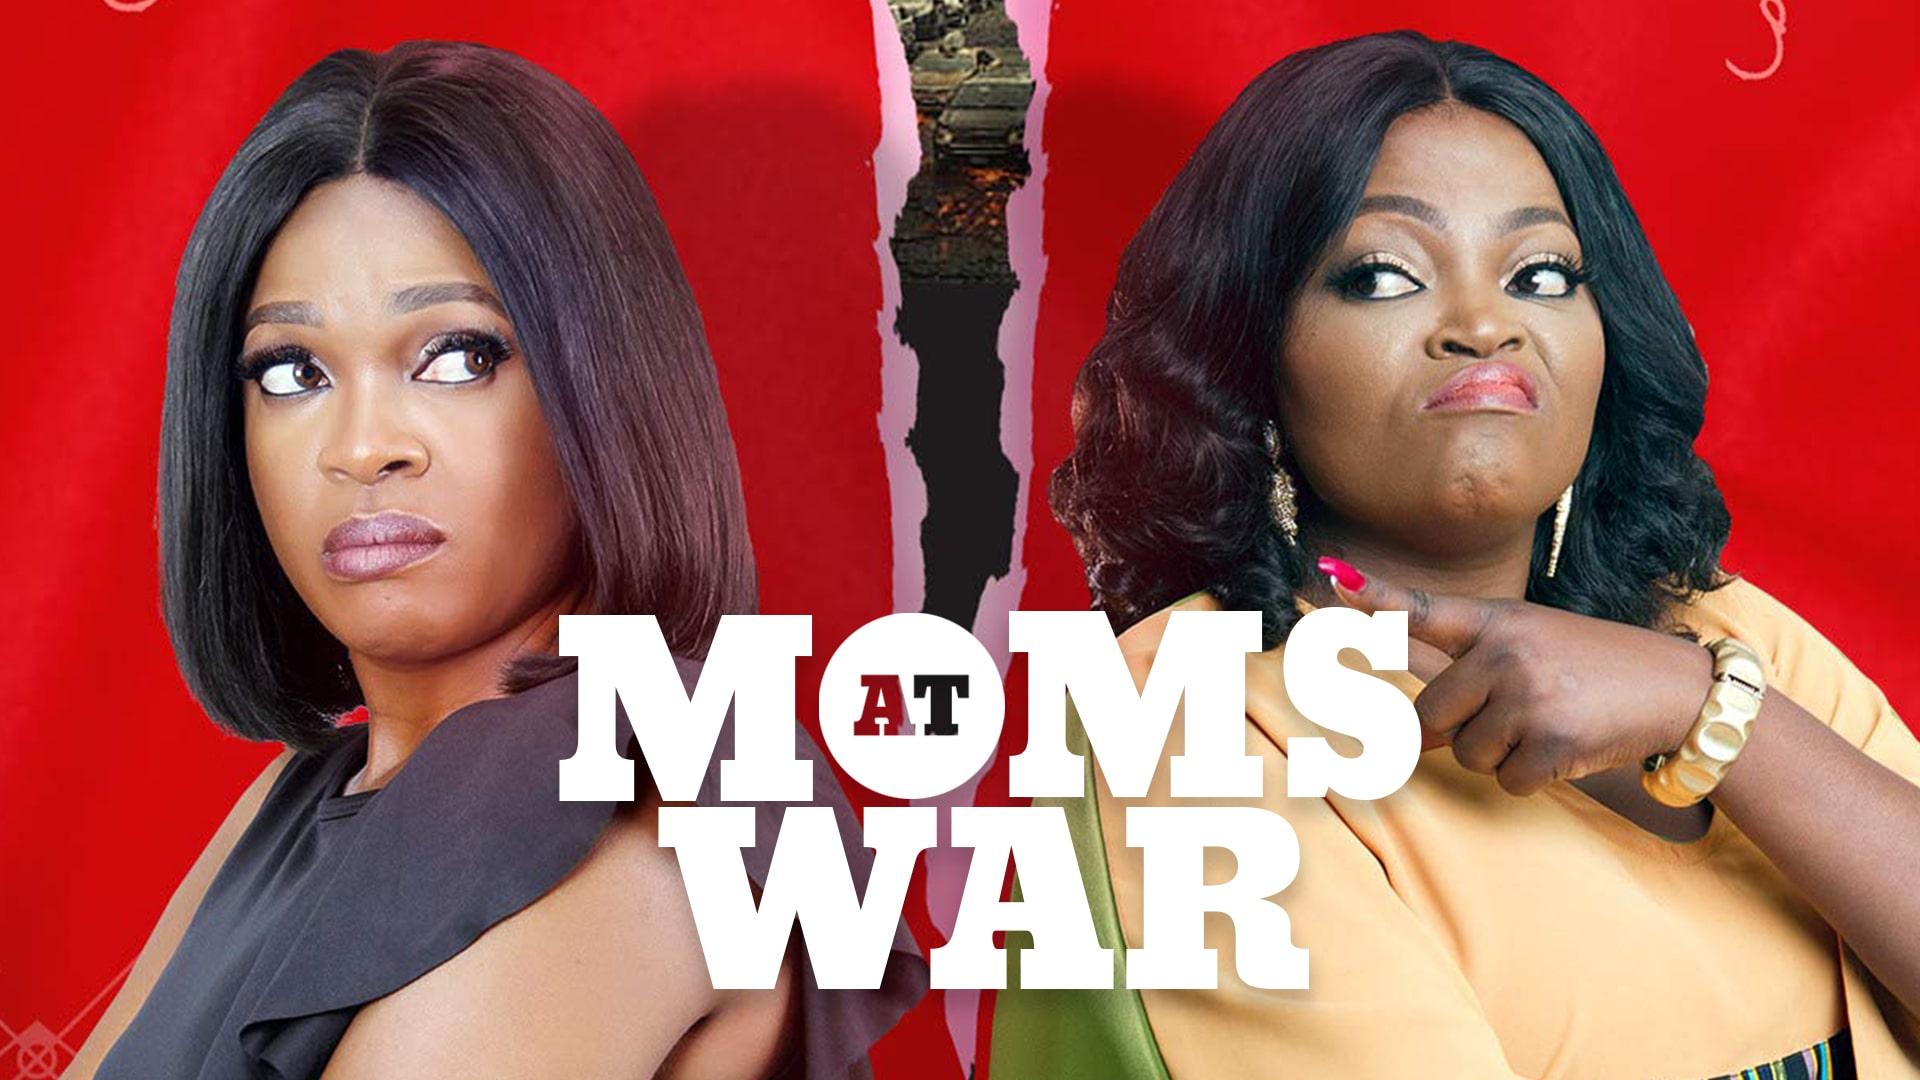 MOMS AT WAR